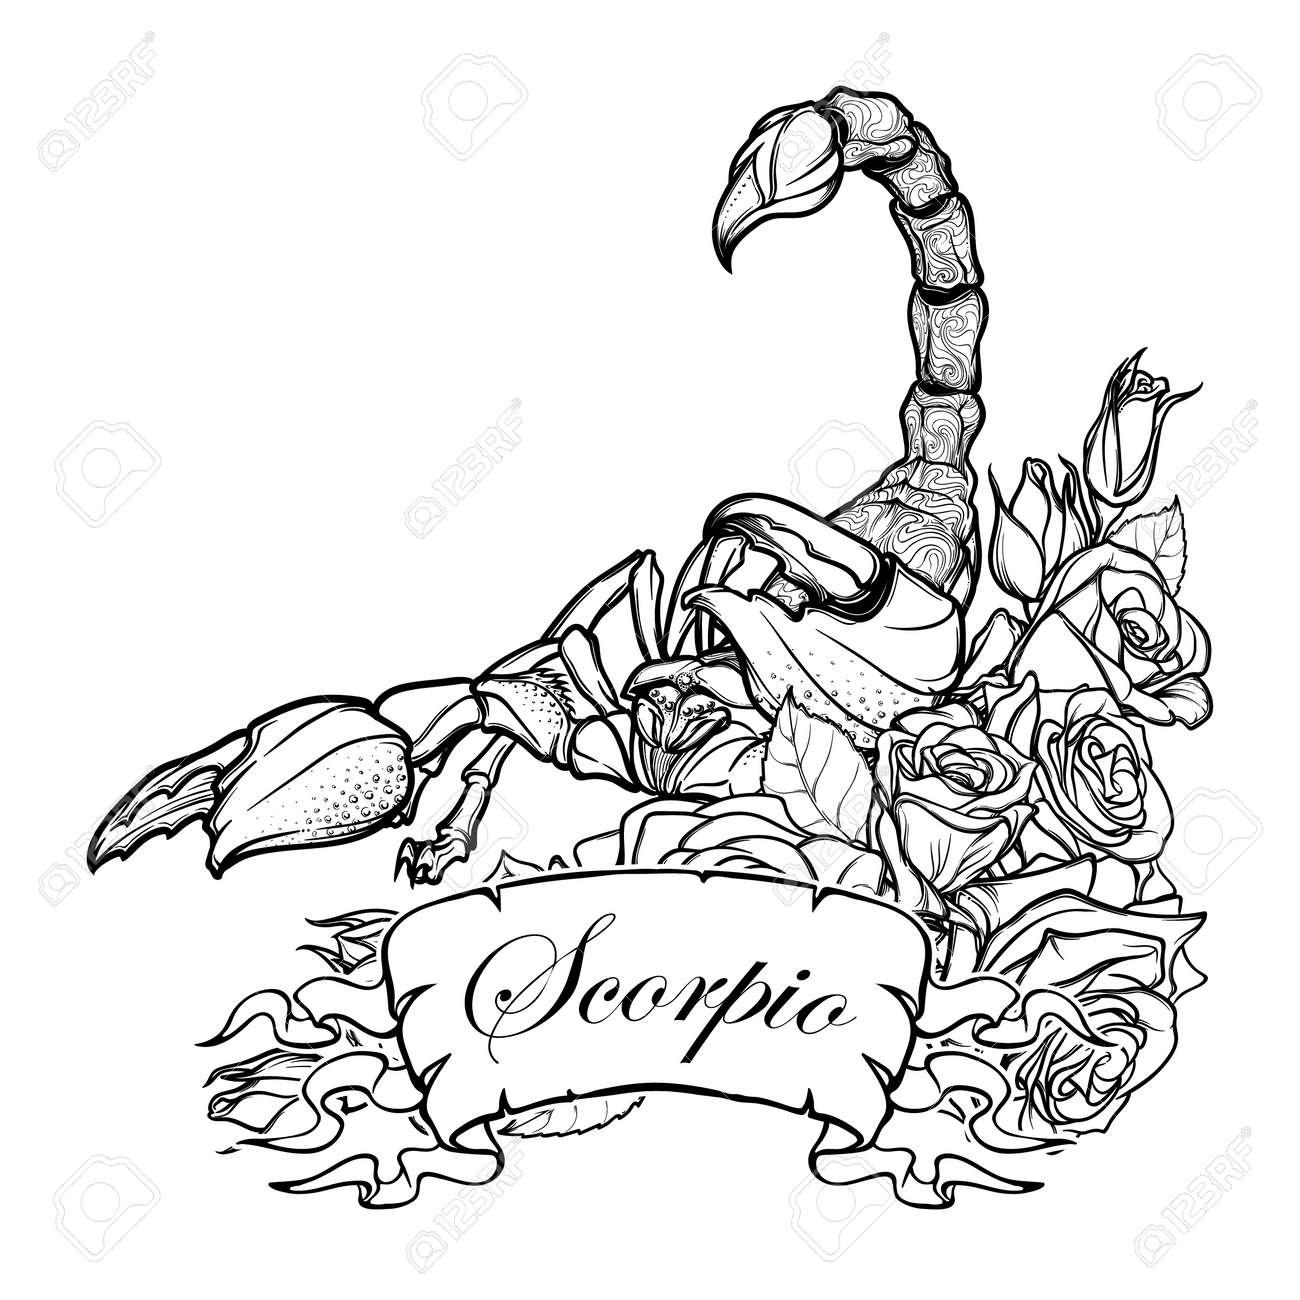 Signo Zodiacal Escorpio Escorpión Realista Detallada En Un Marco Decorativo De Rosas Boceto Aislado En El Fondo Blanco Arte Conceptual Para El